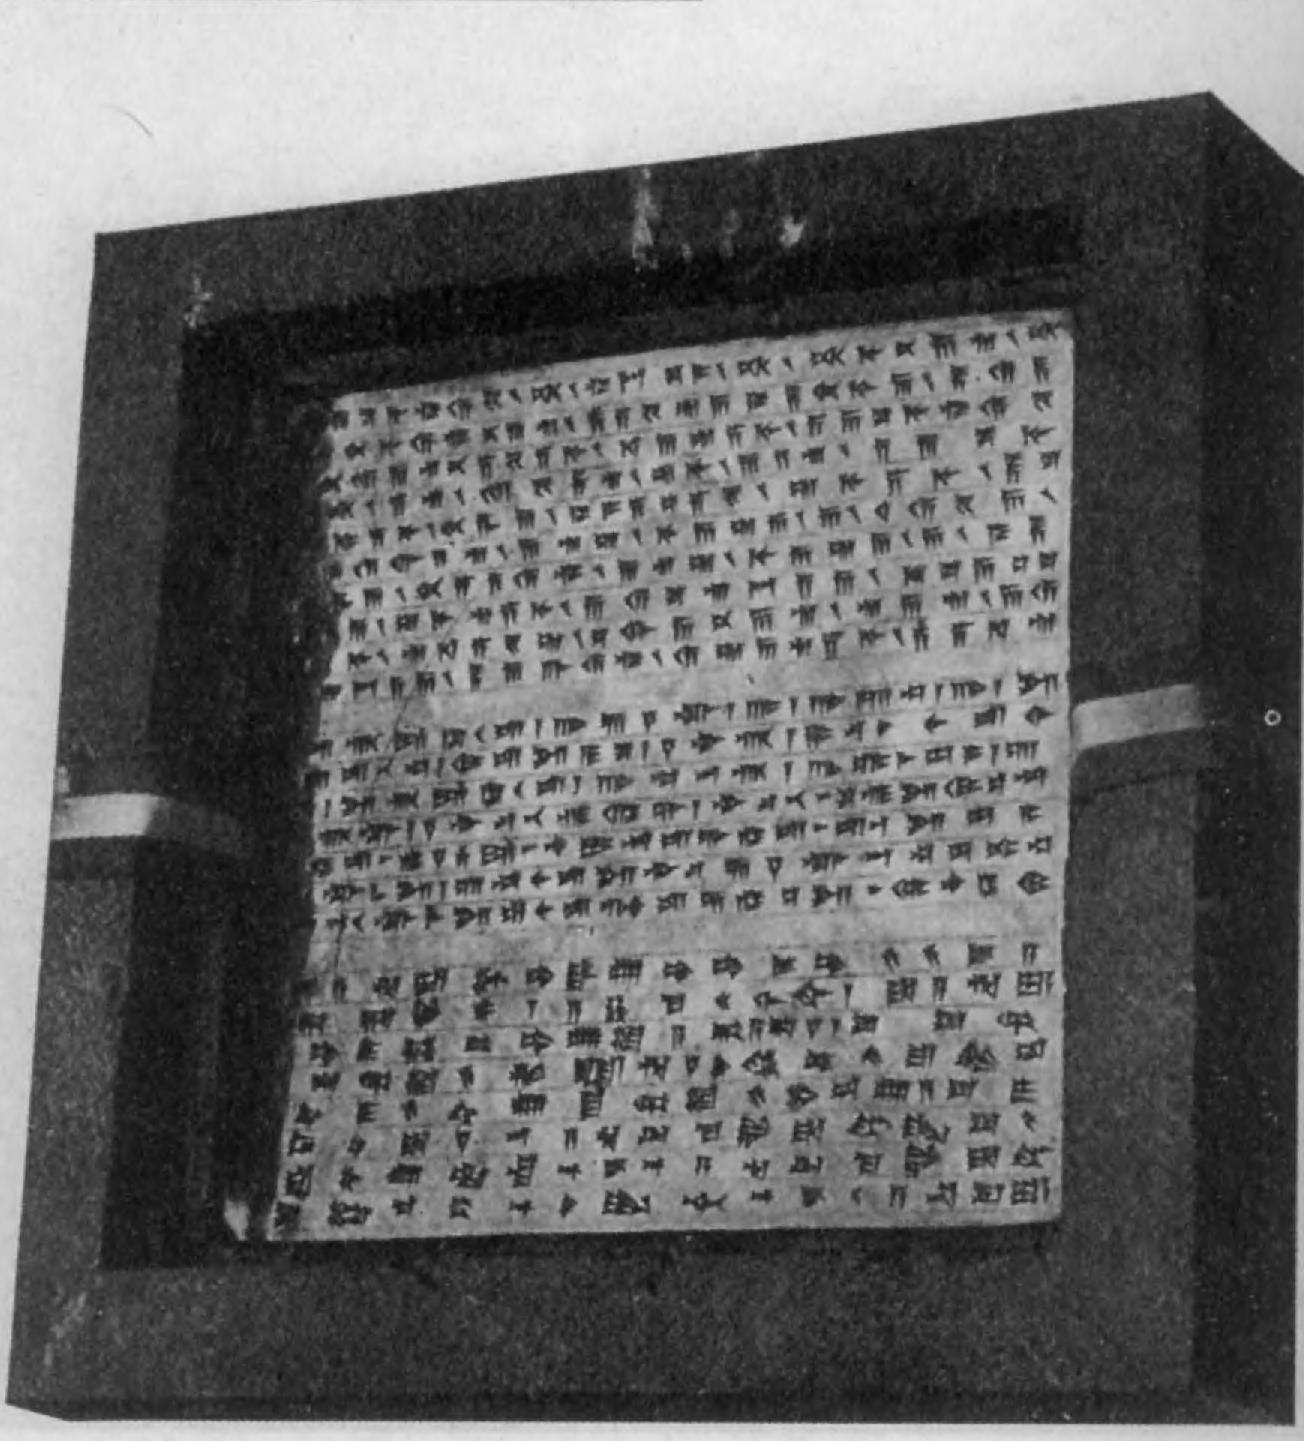 37.Трехъязычная золотая закладная пластина Дария из Персеполя. Надпись выполнена клинописью и составлена на древнеперсидском, вавилонском и эламском языках.